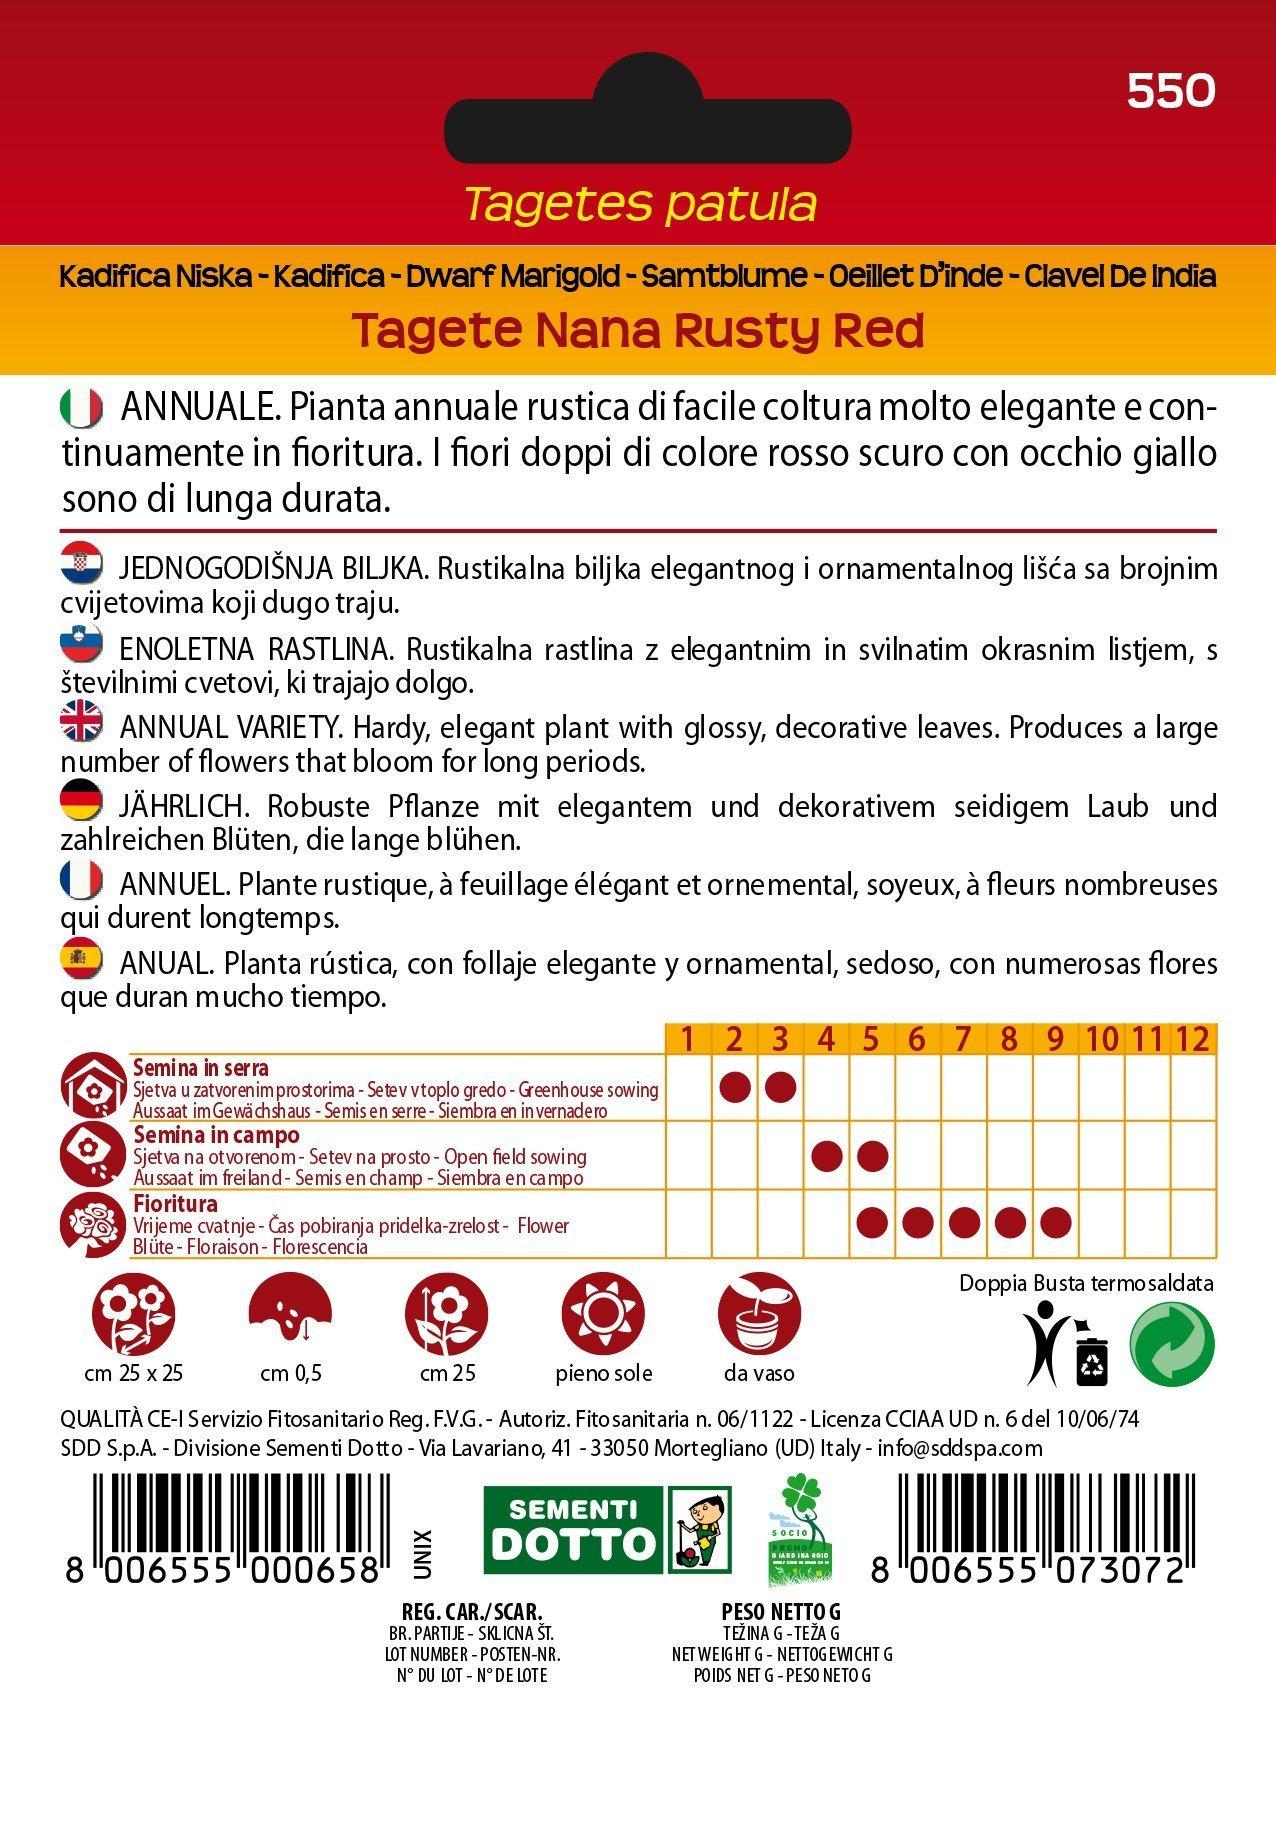 Semi Tagete Nana Rusty Red Ideale Per La Lotta Agli Inserti